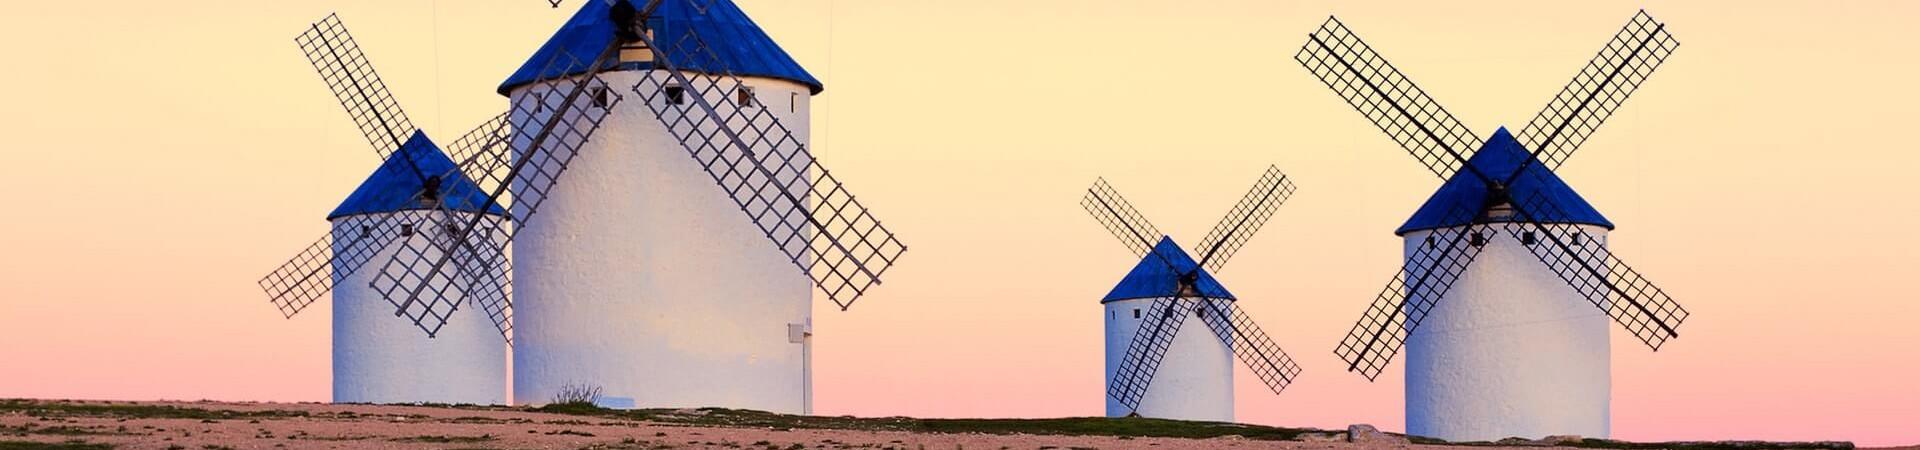 Hiszpańskie wiatraki